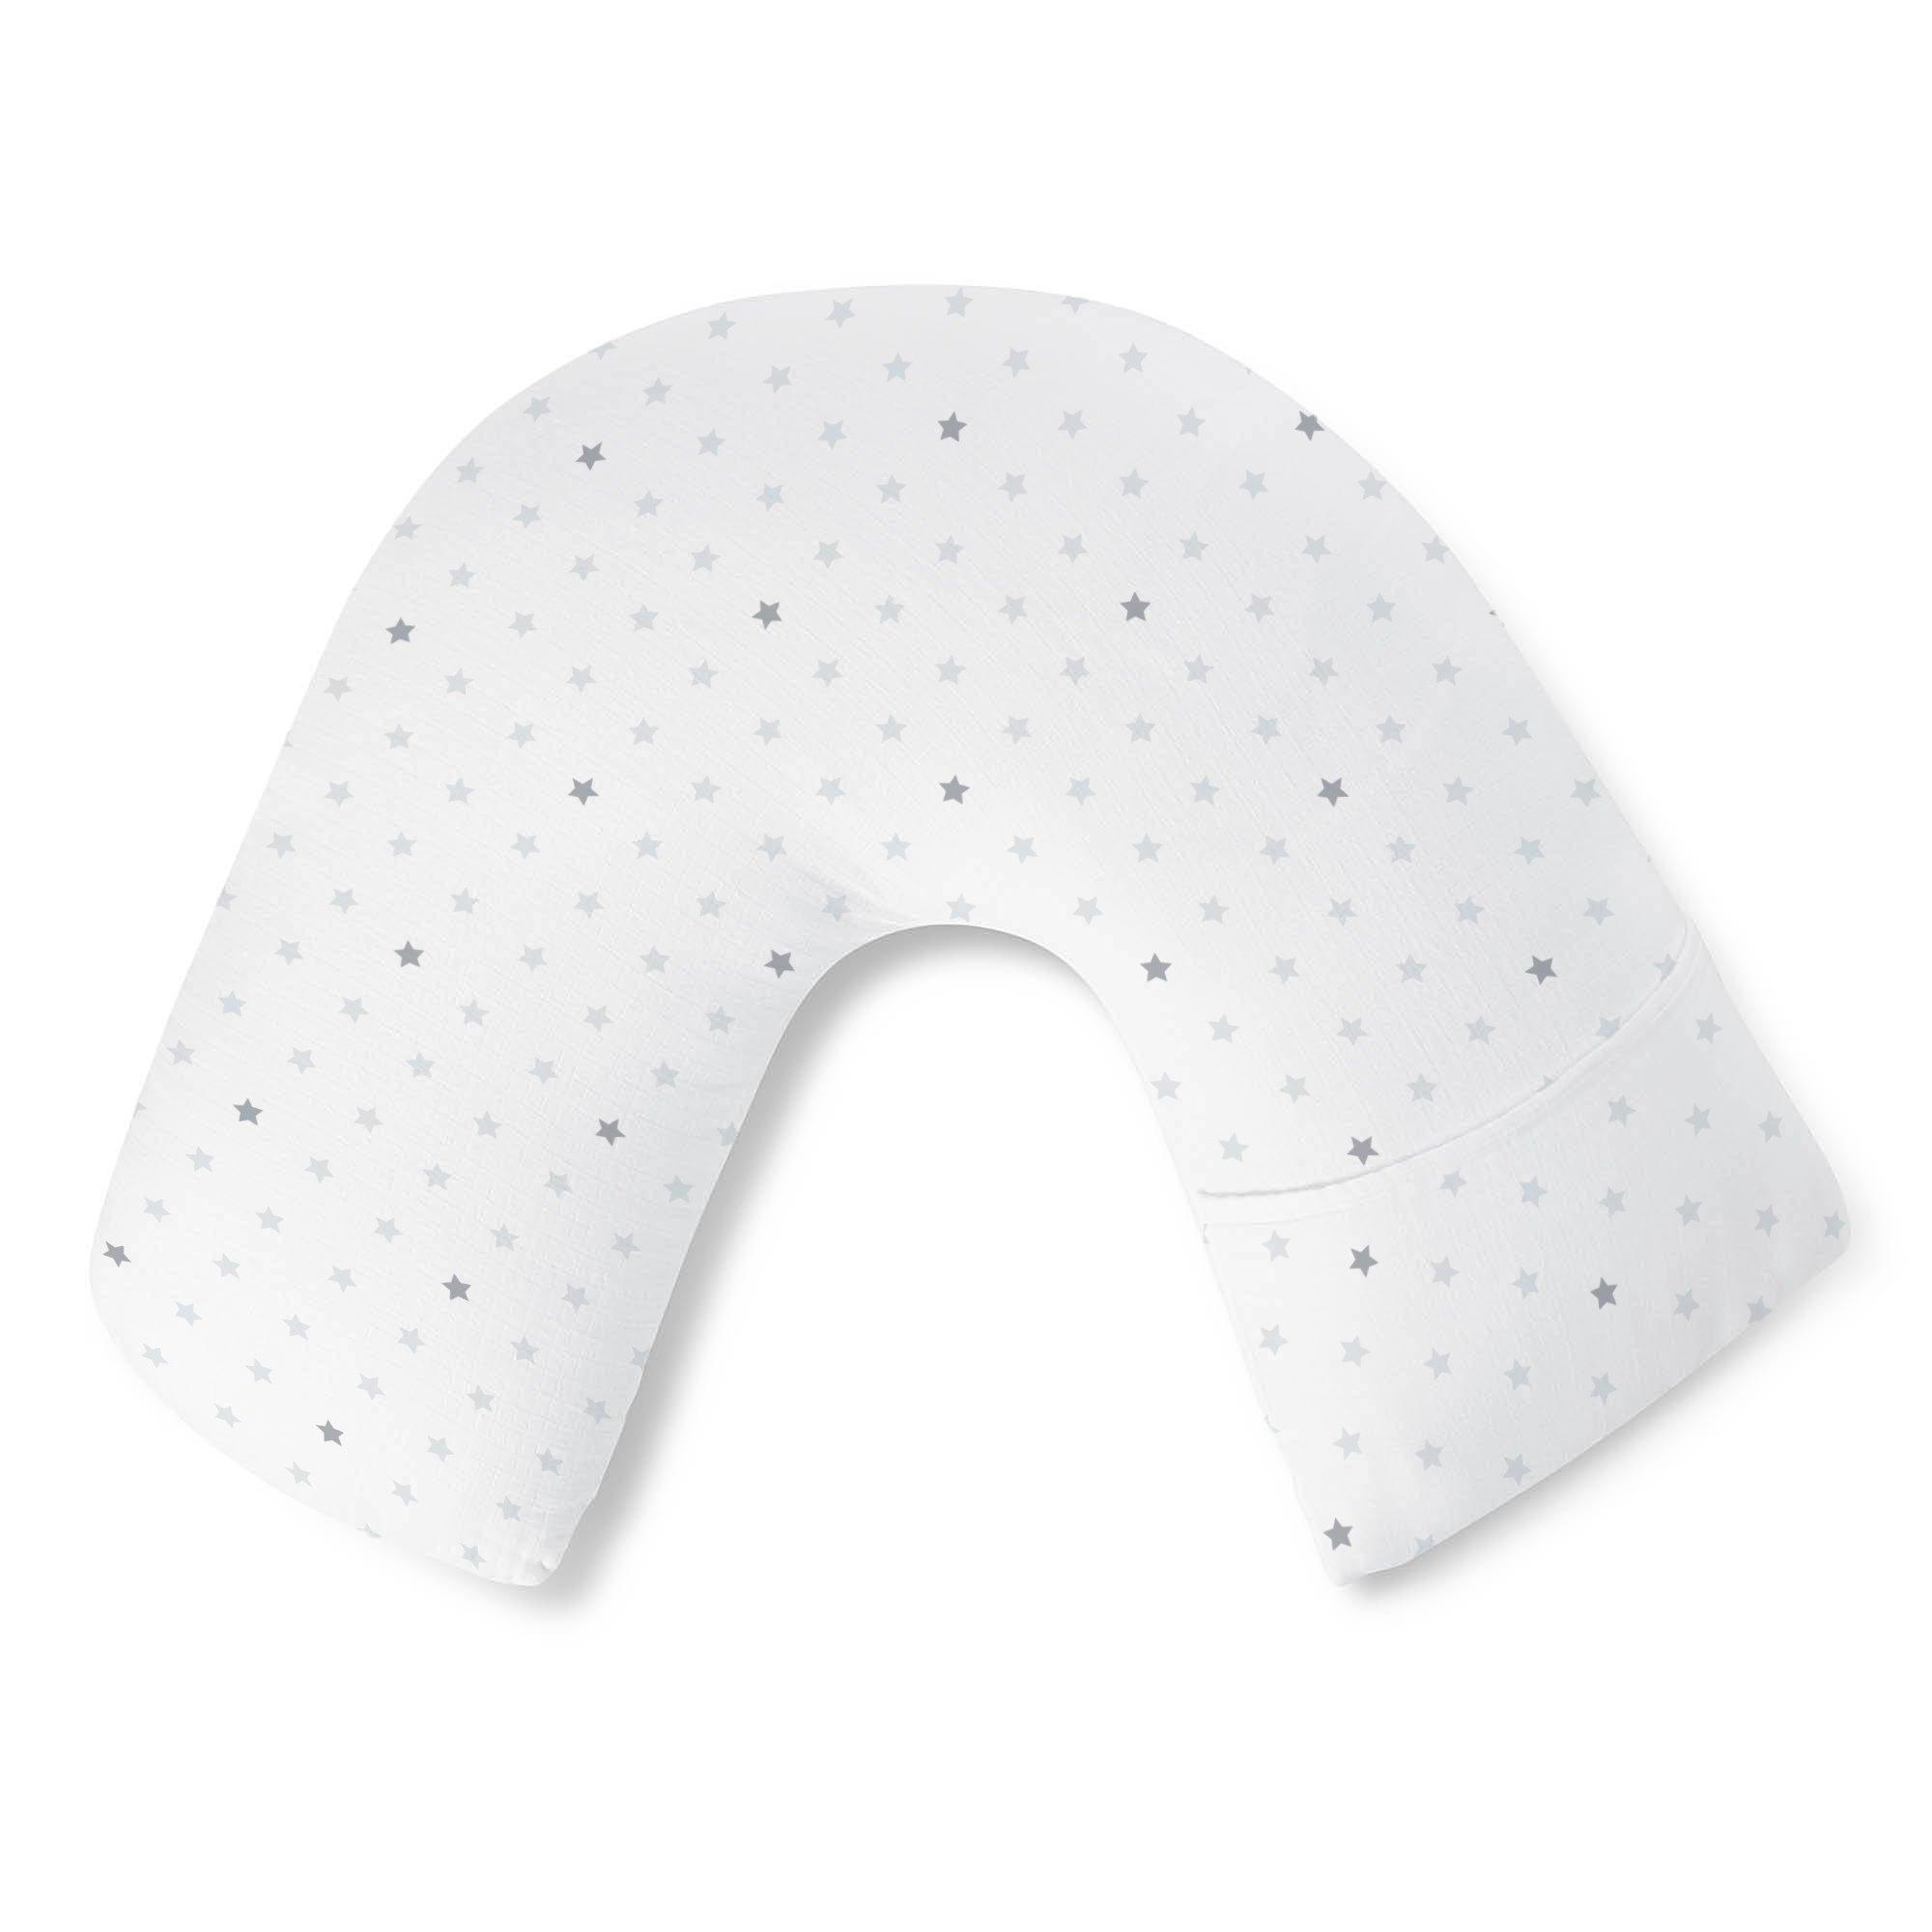 aden by aden + anais Nursing Pillow Cover, Dove by aden by aden + anais